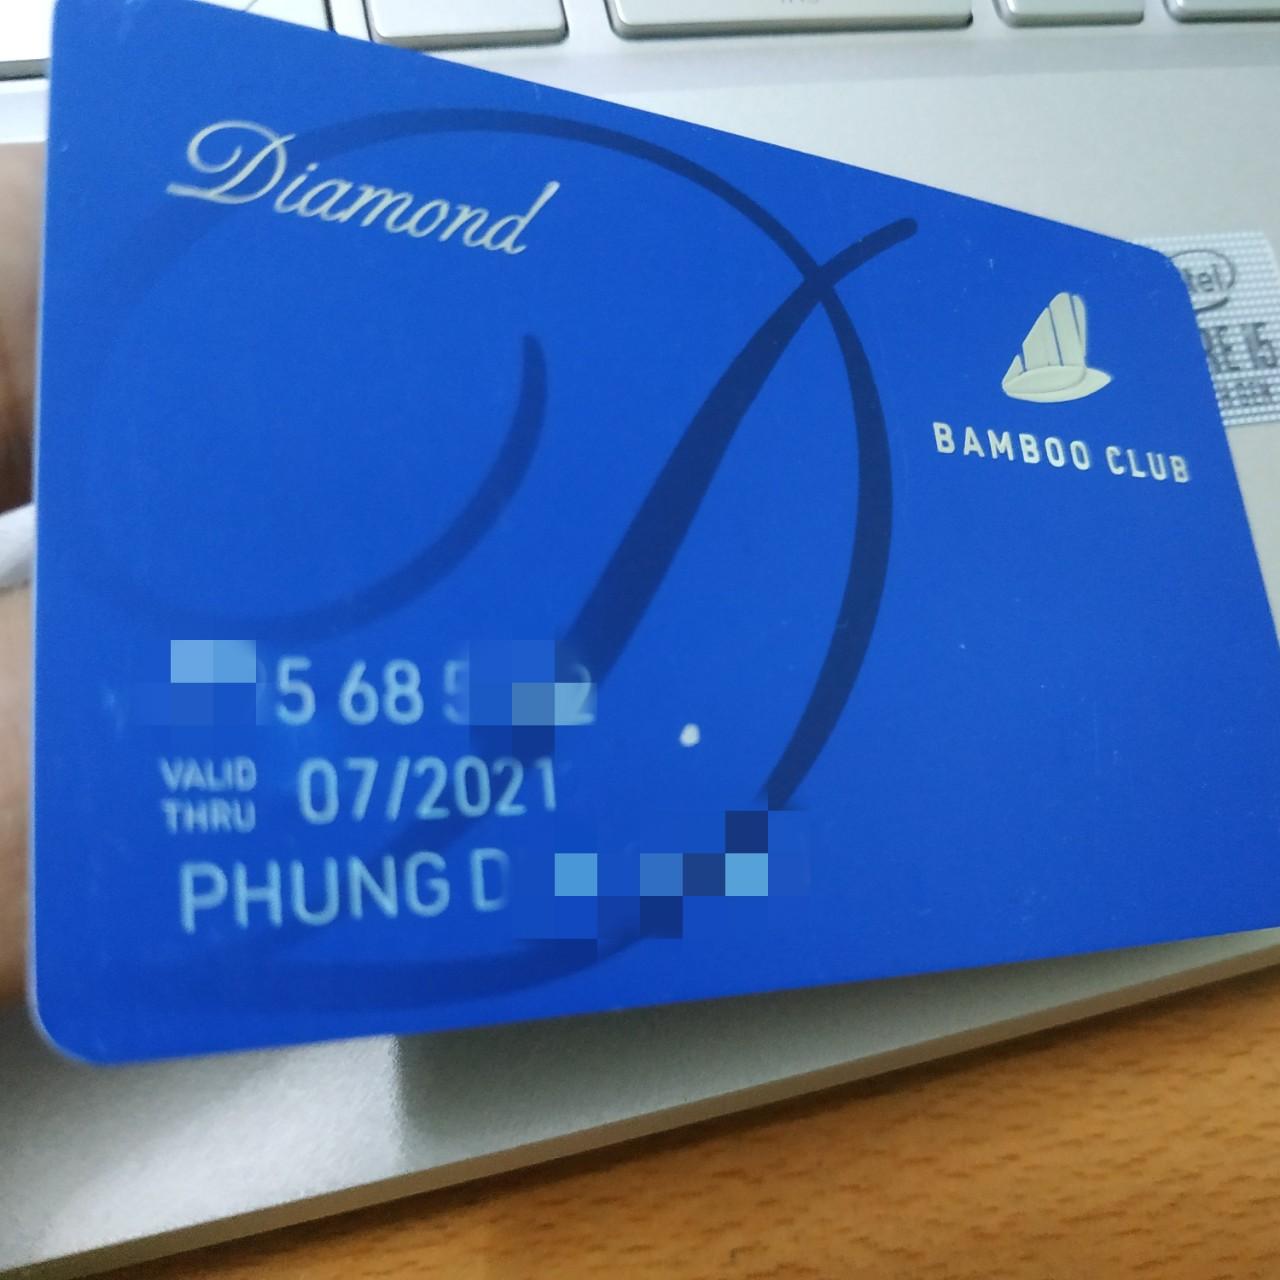 Ông Trịnh Văn Quyết hứa tặng thẻ Diamond Bamboo Airways cho hơn 3.000 bạn Facebook - Ảnh 2.